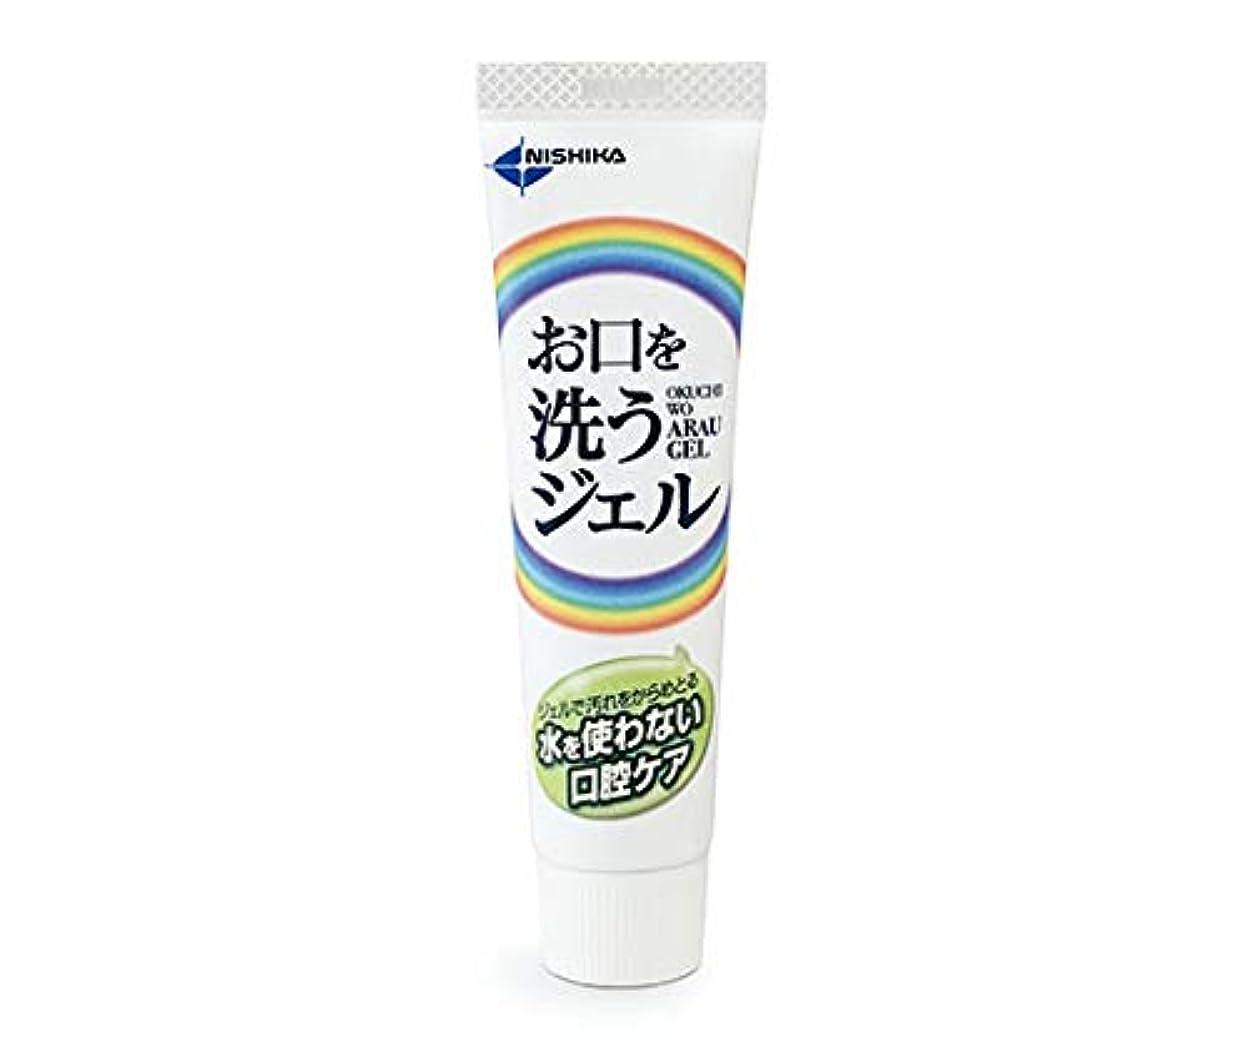 見積り間に合わせ精緻化日本歯科薬品 お口を洗うジェル(口腔ケア用ジェル) 25g